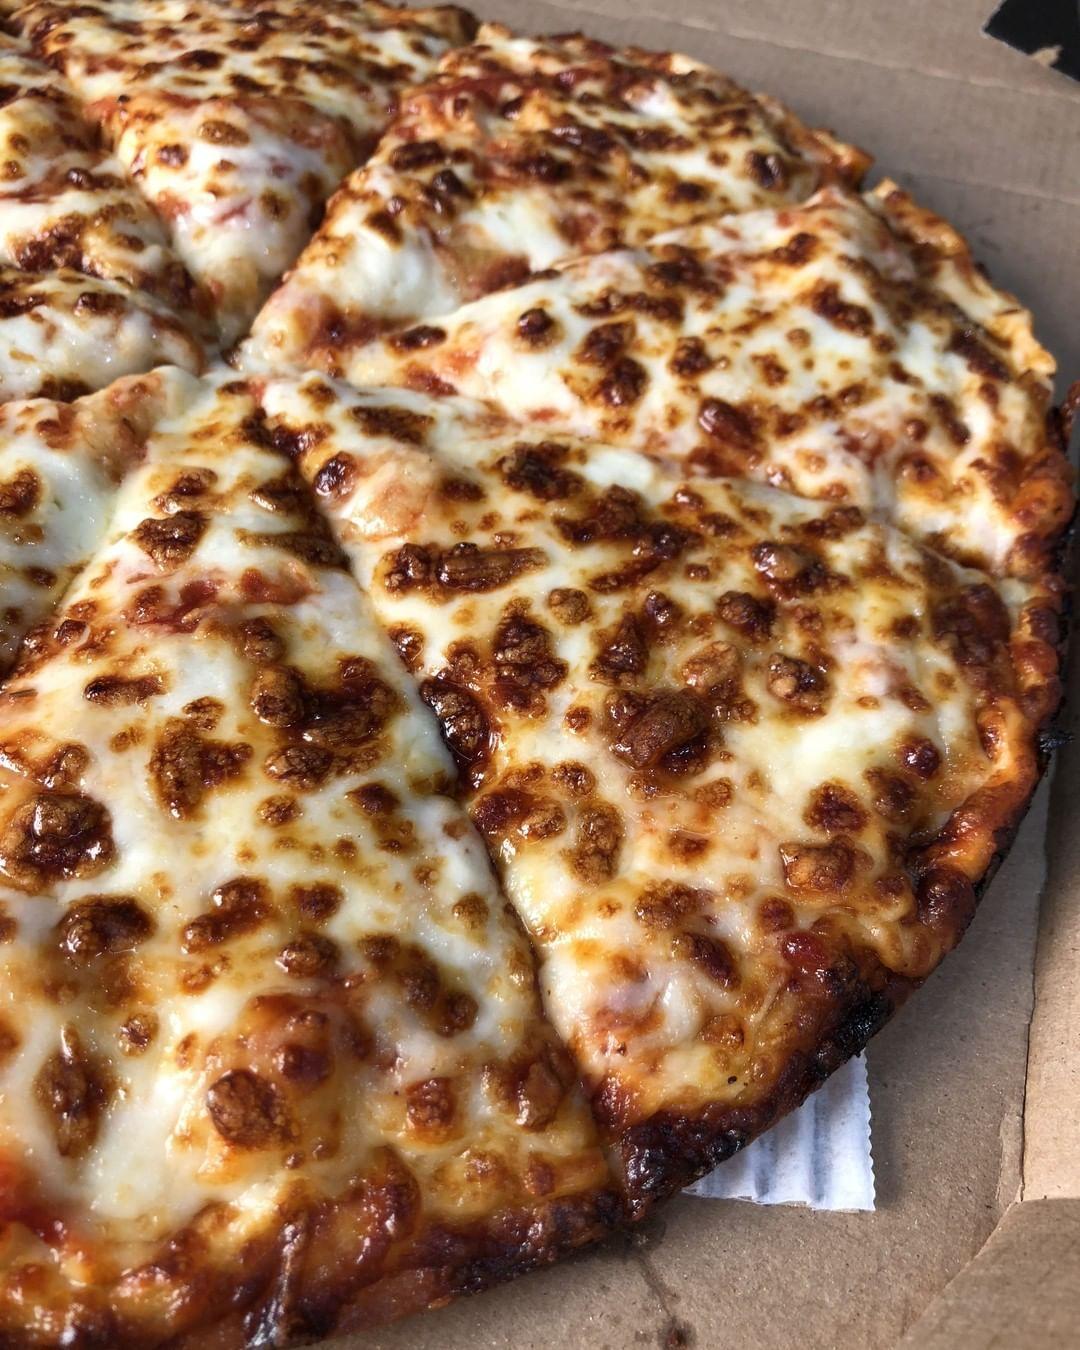 11 1k Vind Ik Leuks 101 Reacties Domino S Pizza Dominos Op Instagram Beauty Is In The Eye Of The Pie Holder Dominos Pizza Domino S Pizza Pizza